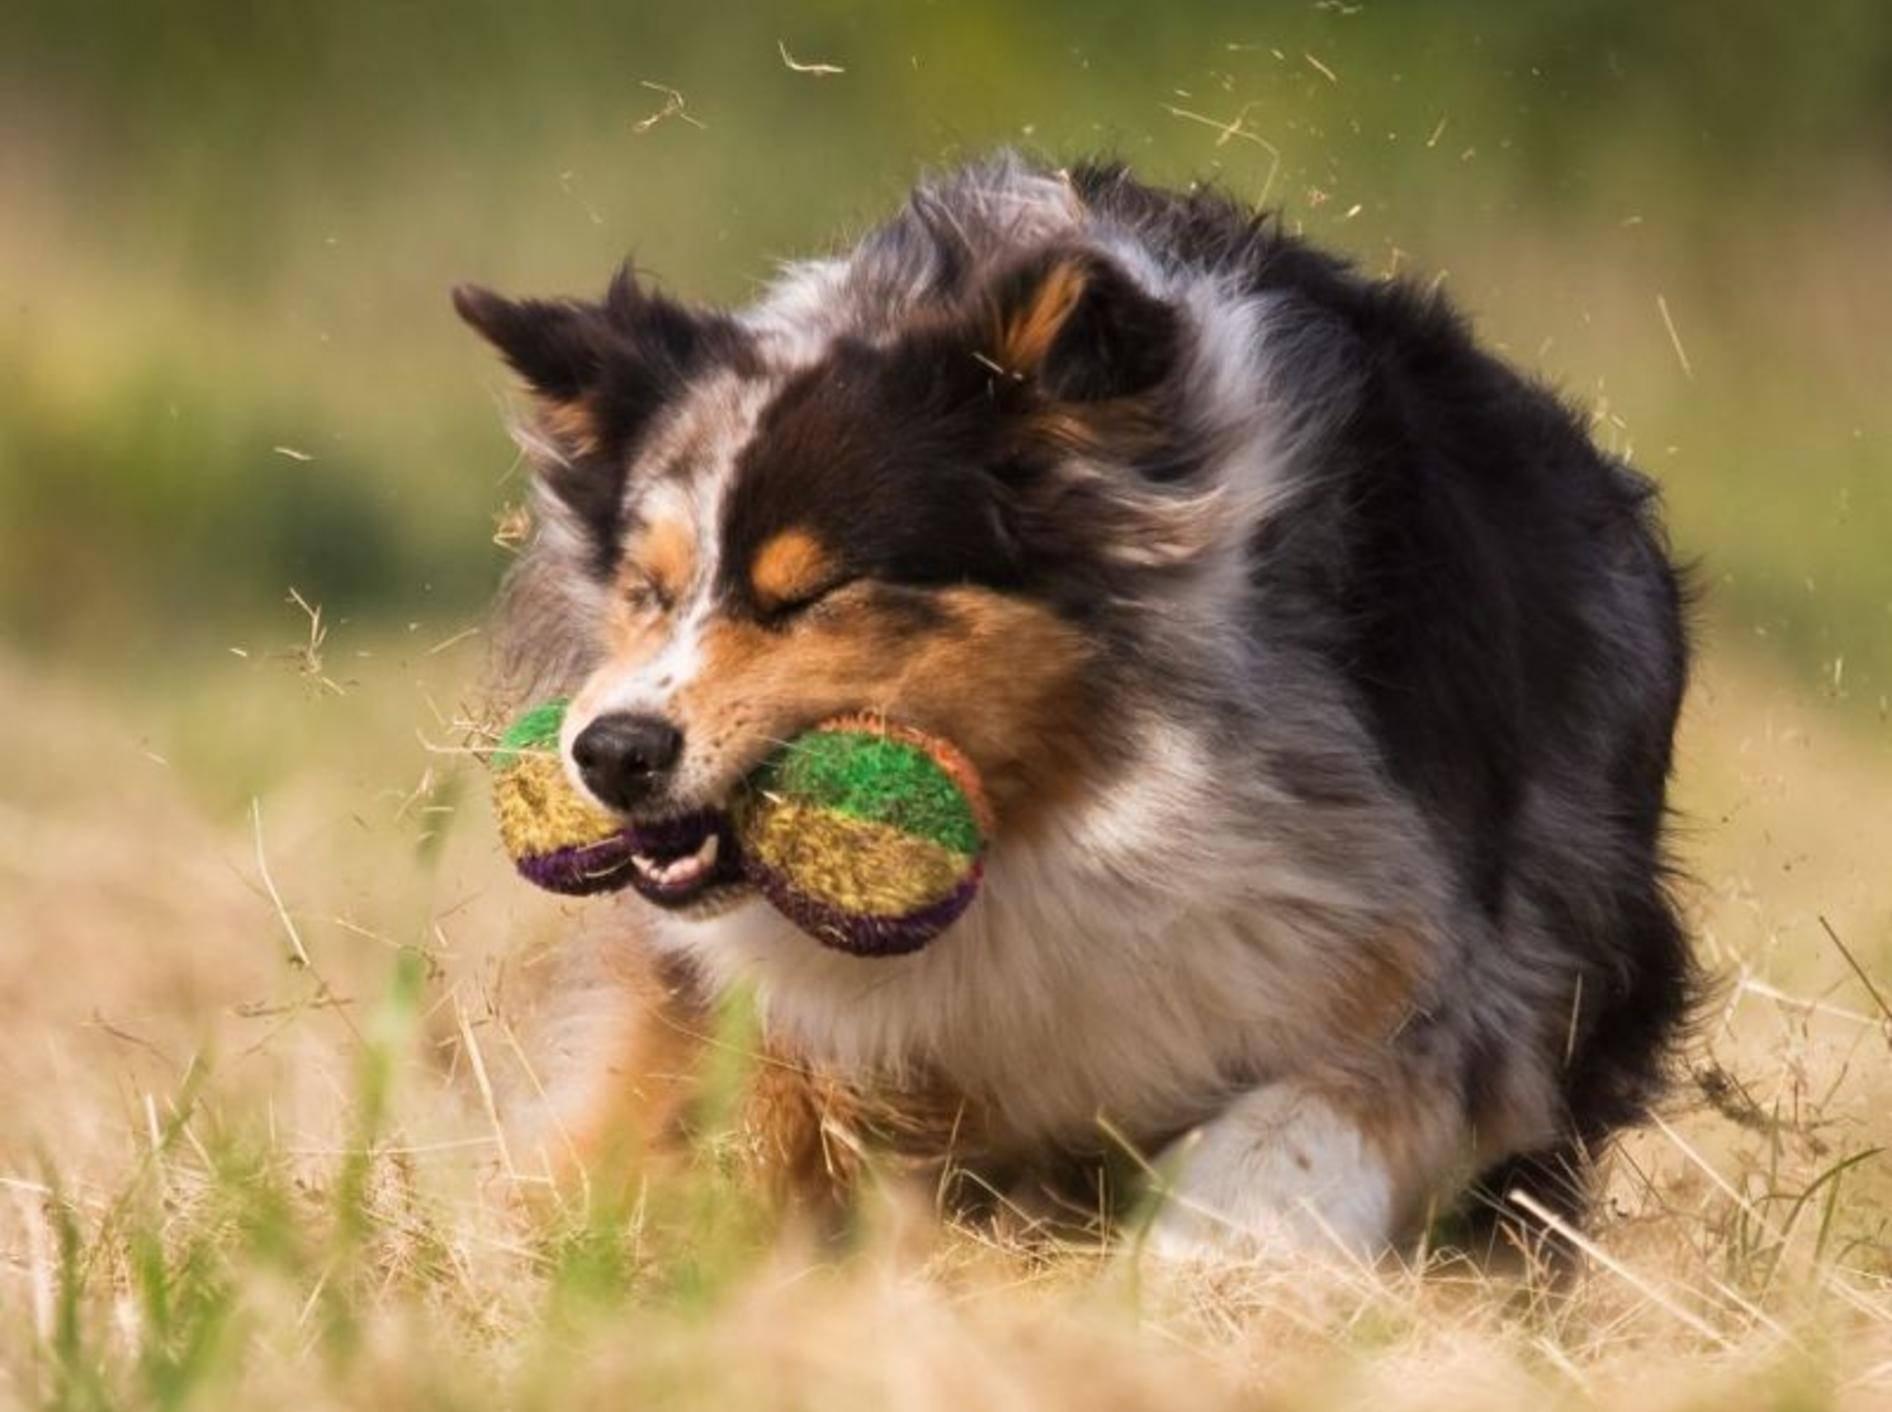 Eine der Lieblingsbeschäftigungen des Australian-Sheperd-Hundes: Toben!